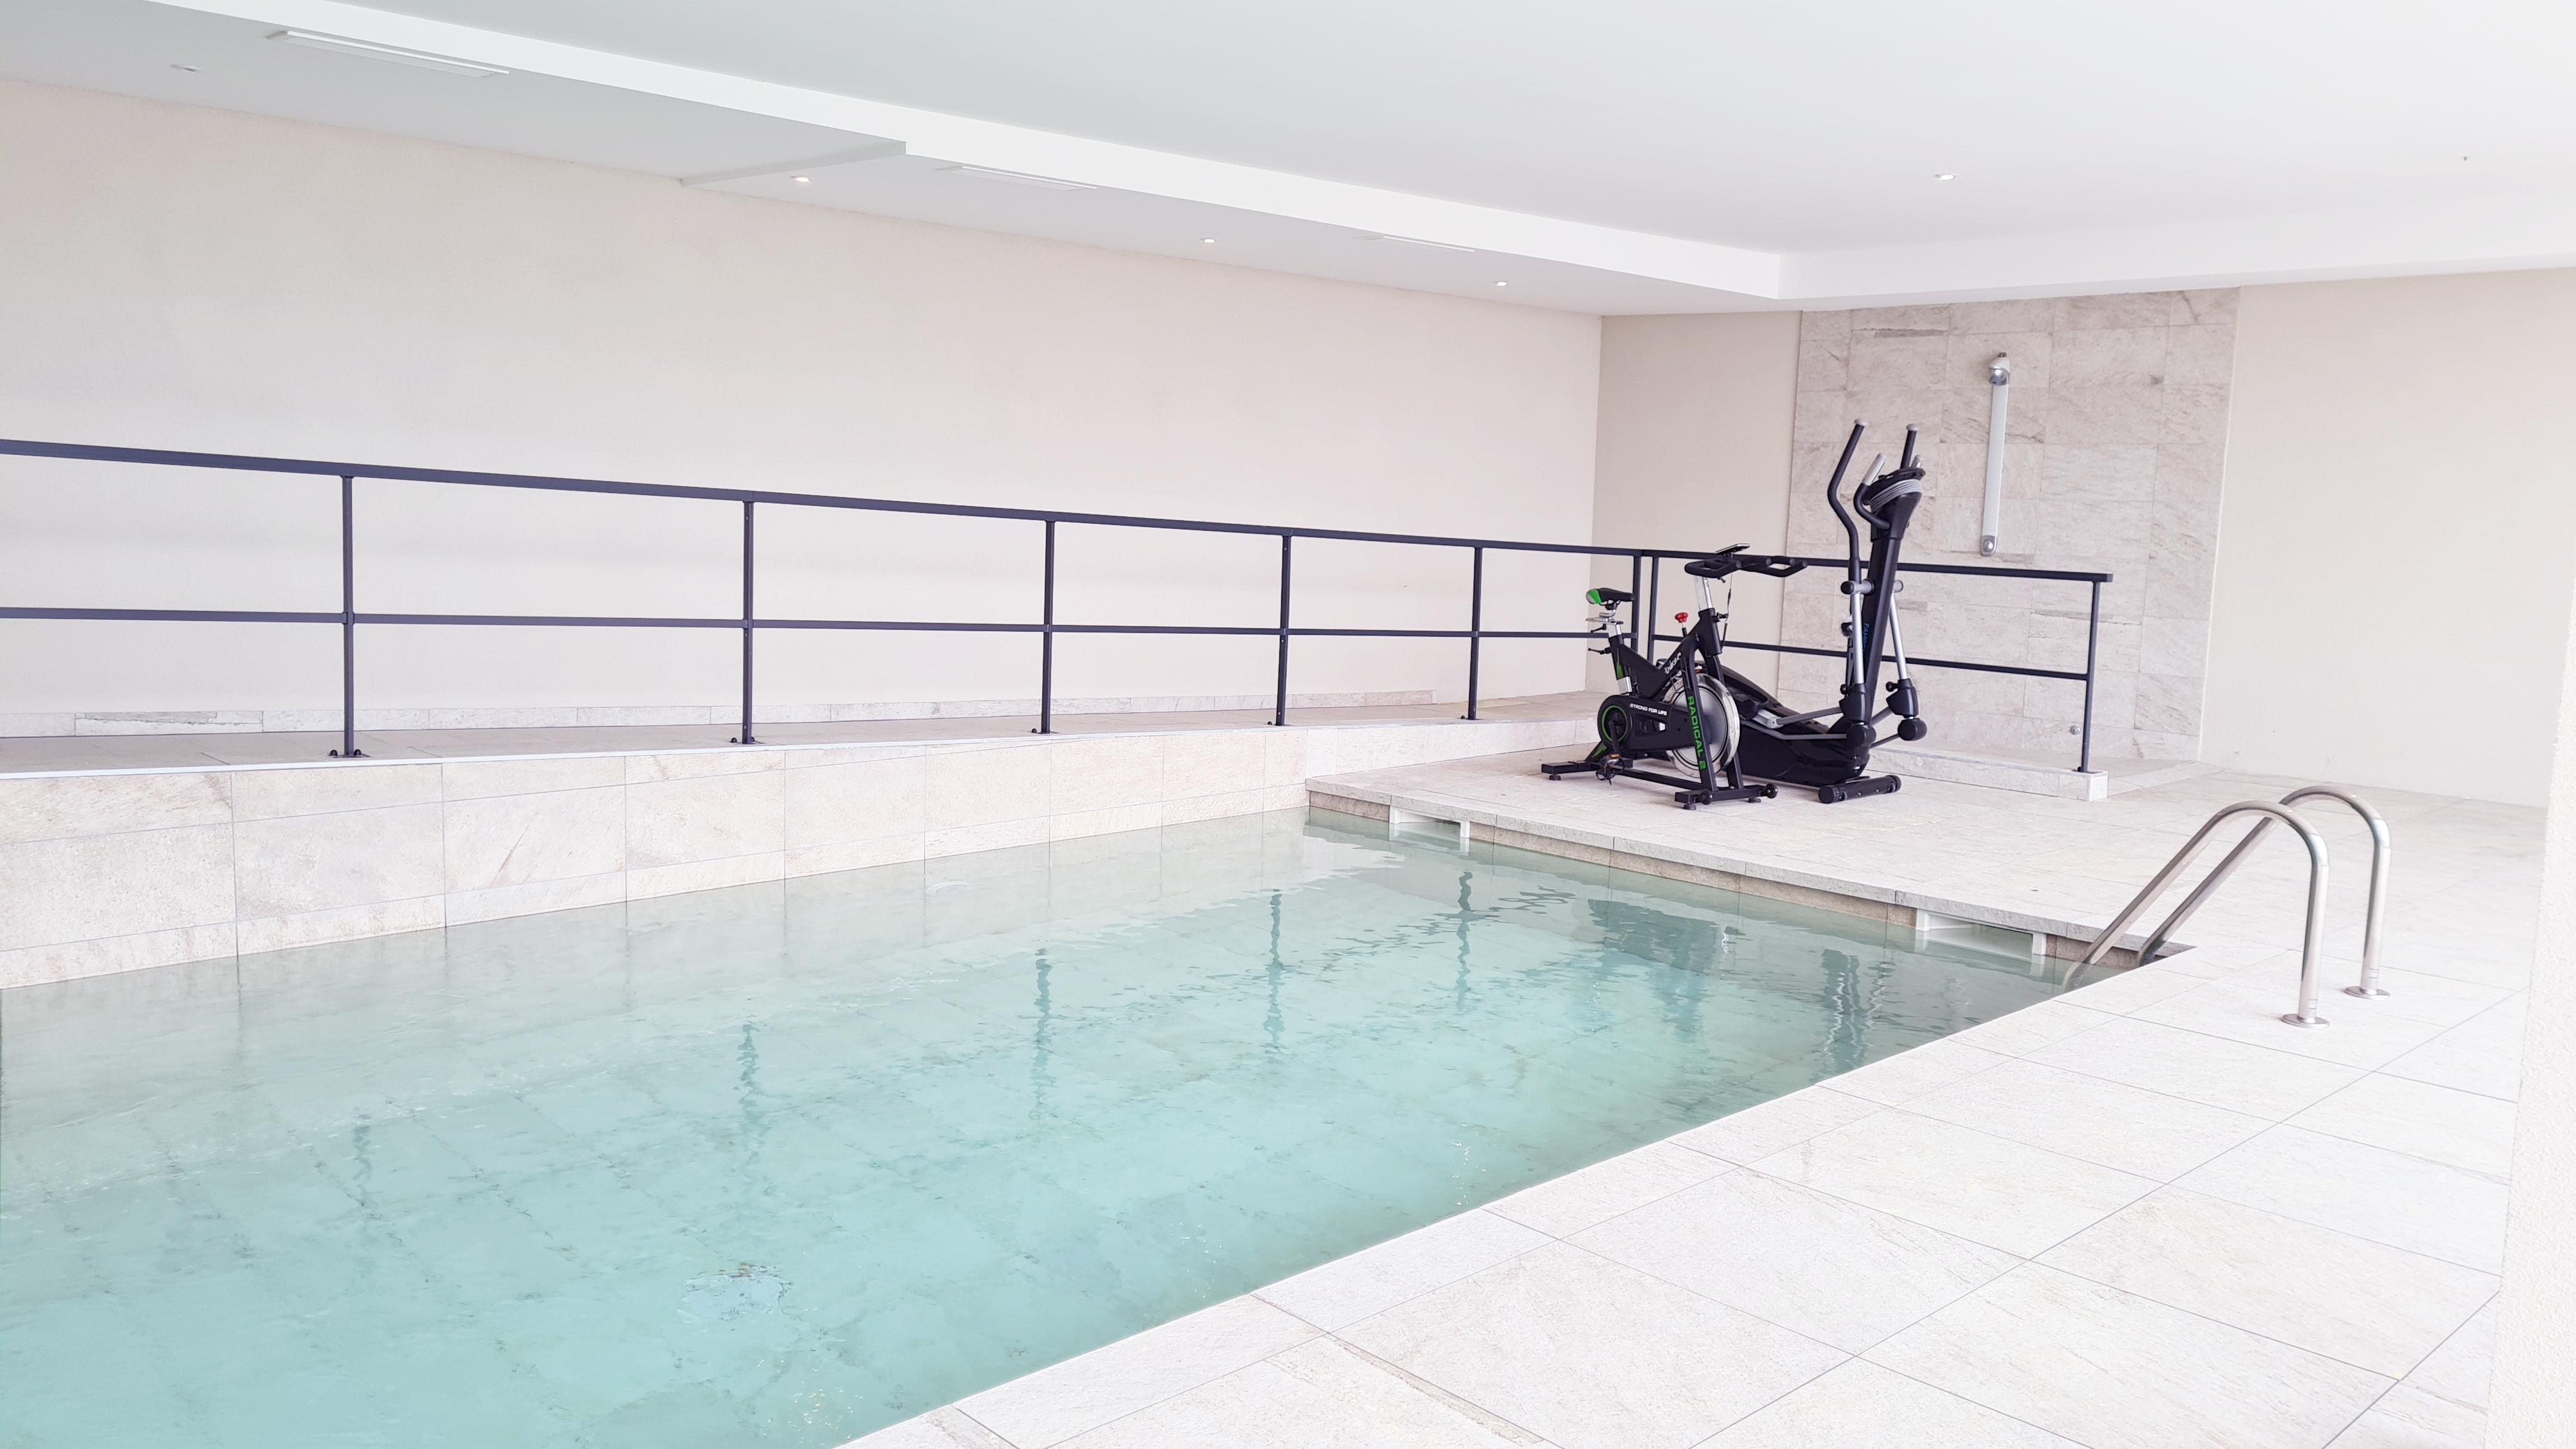 Oceanis - Monte Coast View Emotion - piscine intérieure et fitness